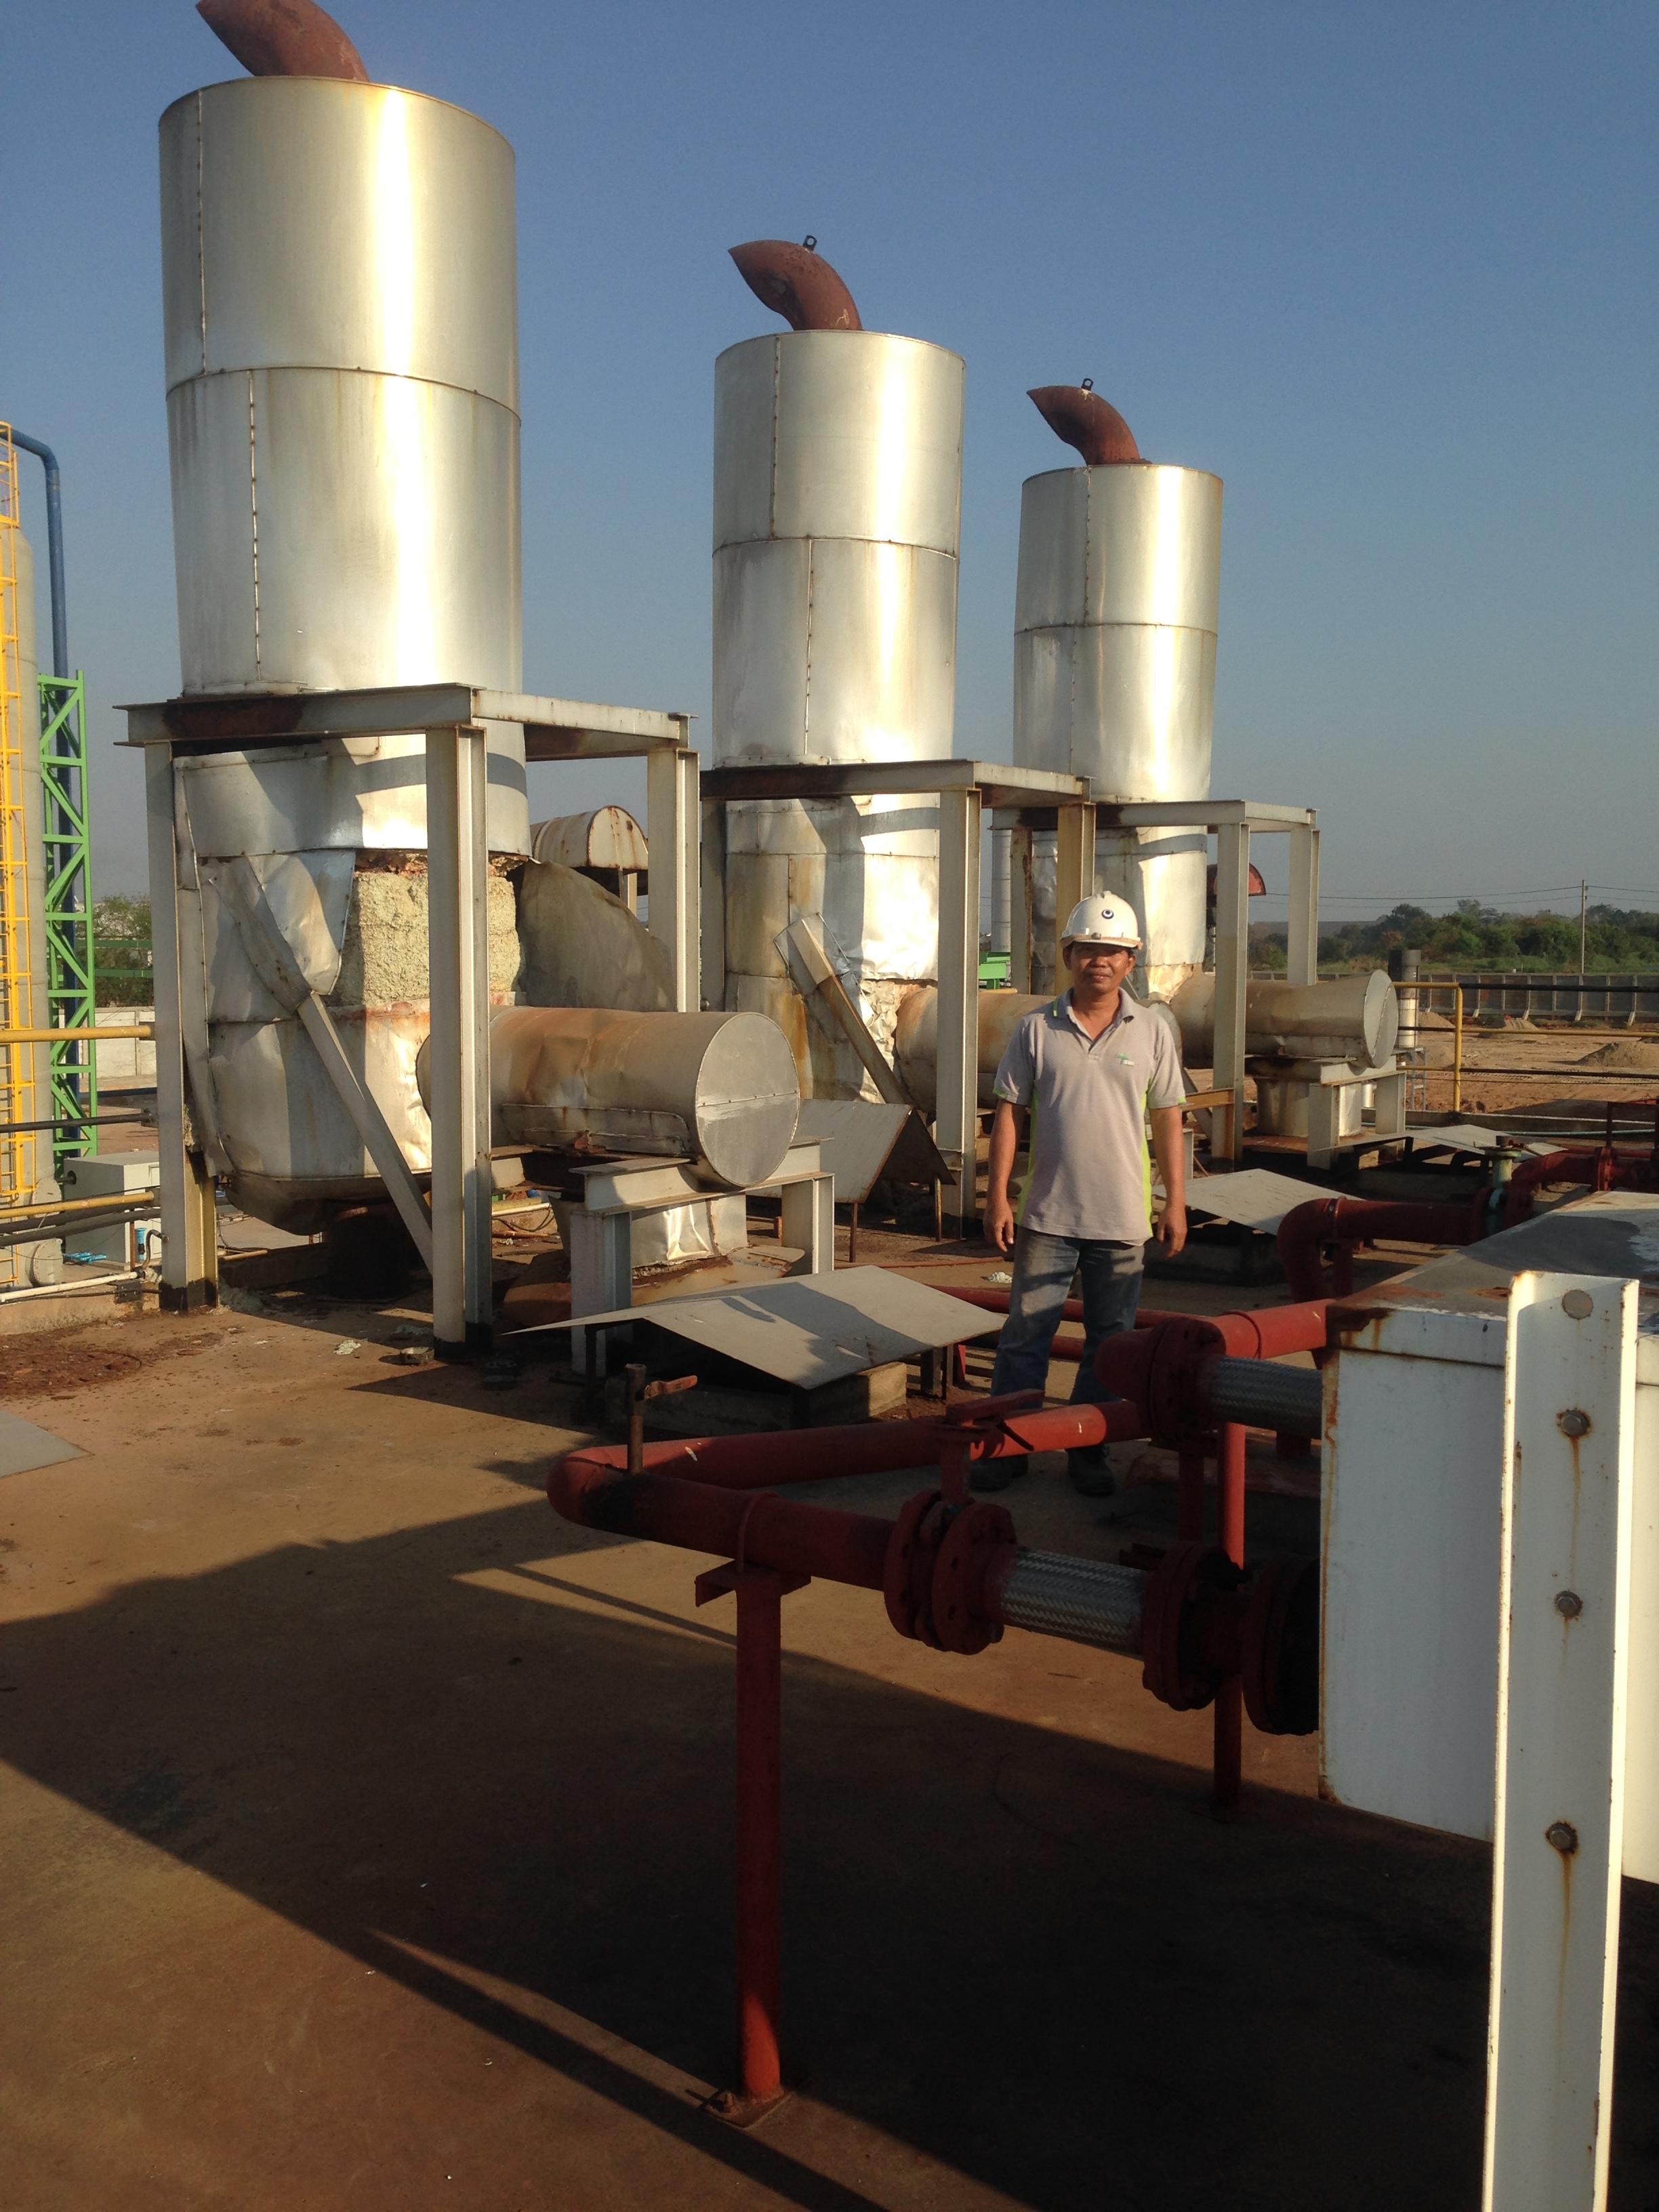 งานรื้นถอนโรงไฟฟ้าไบโอแก๊ส